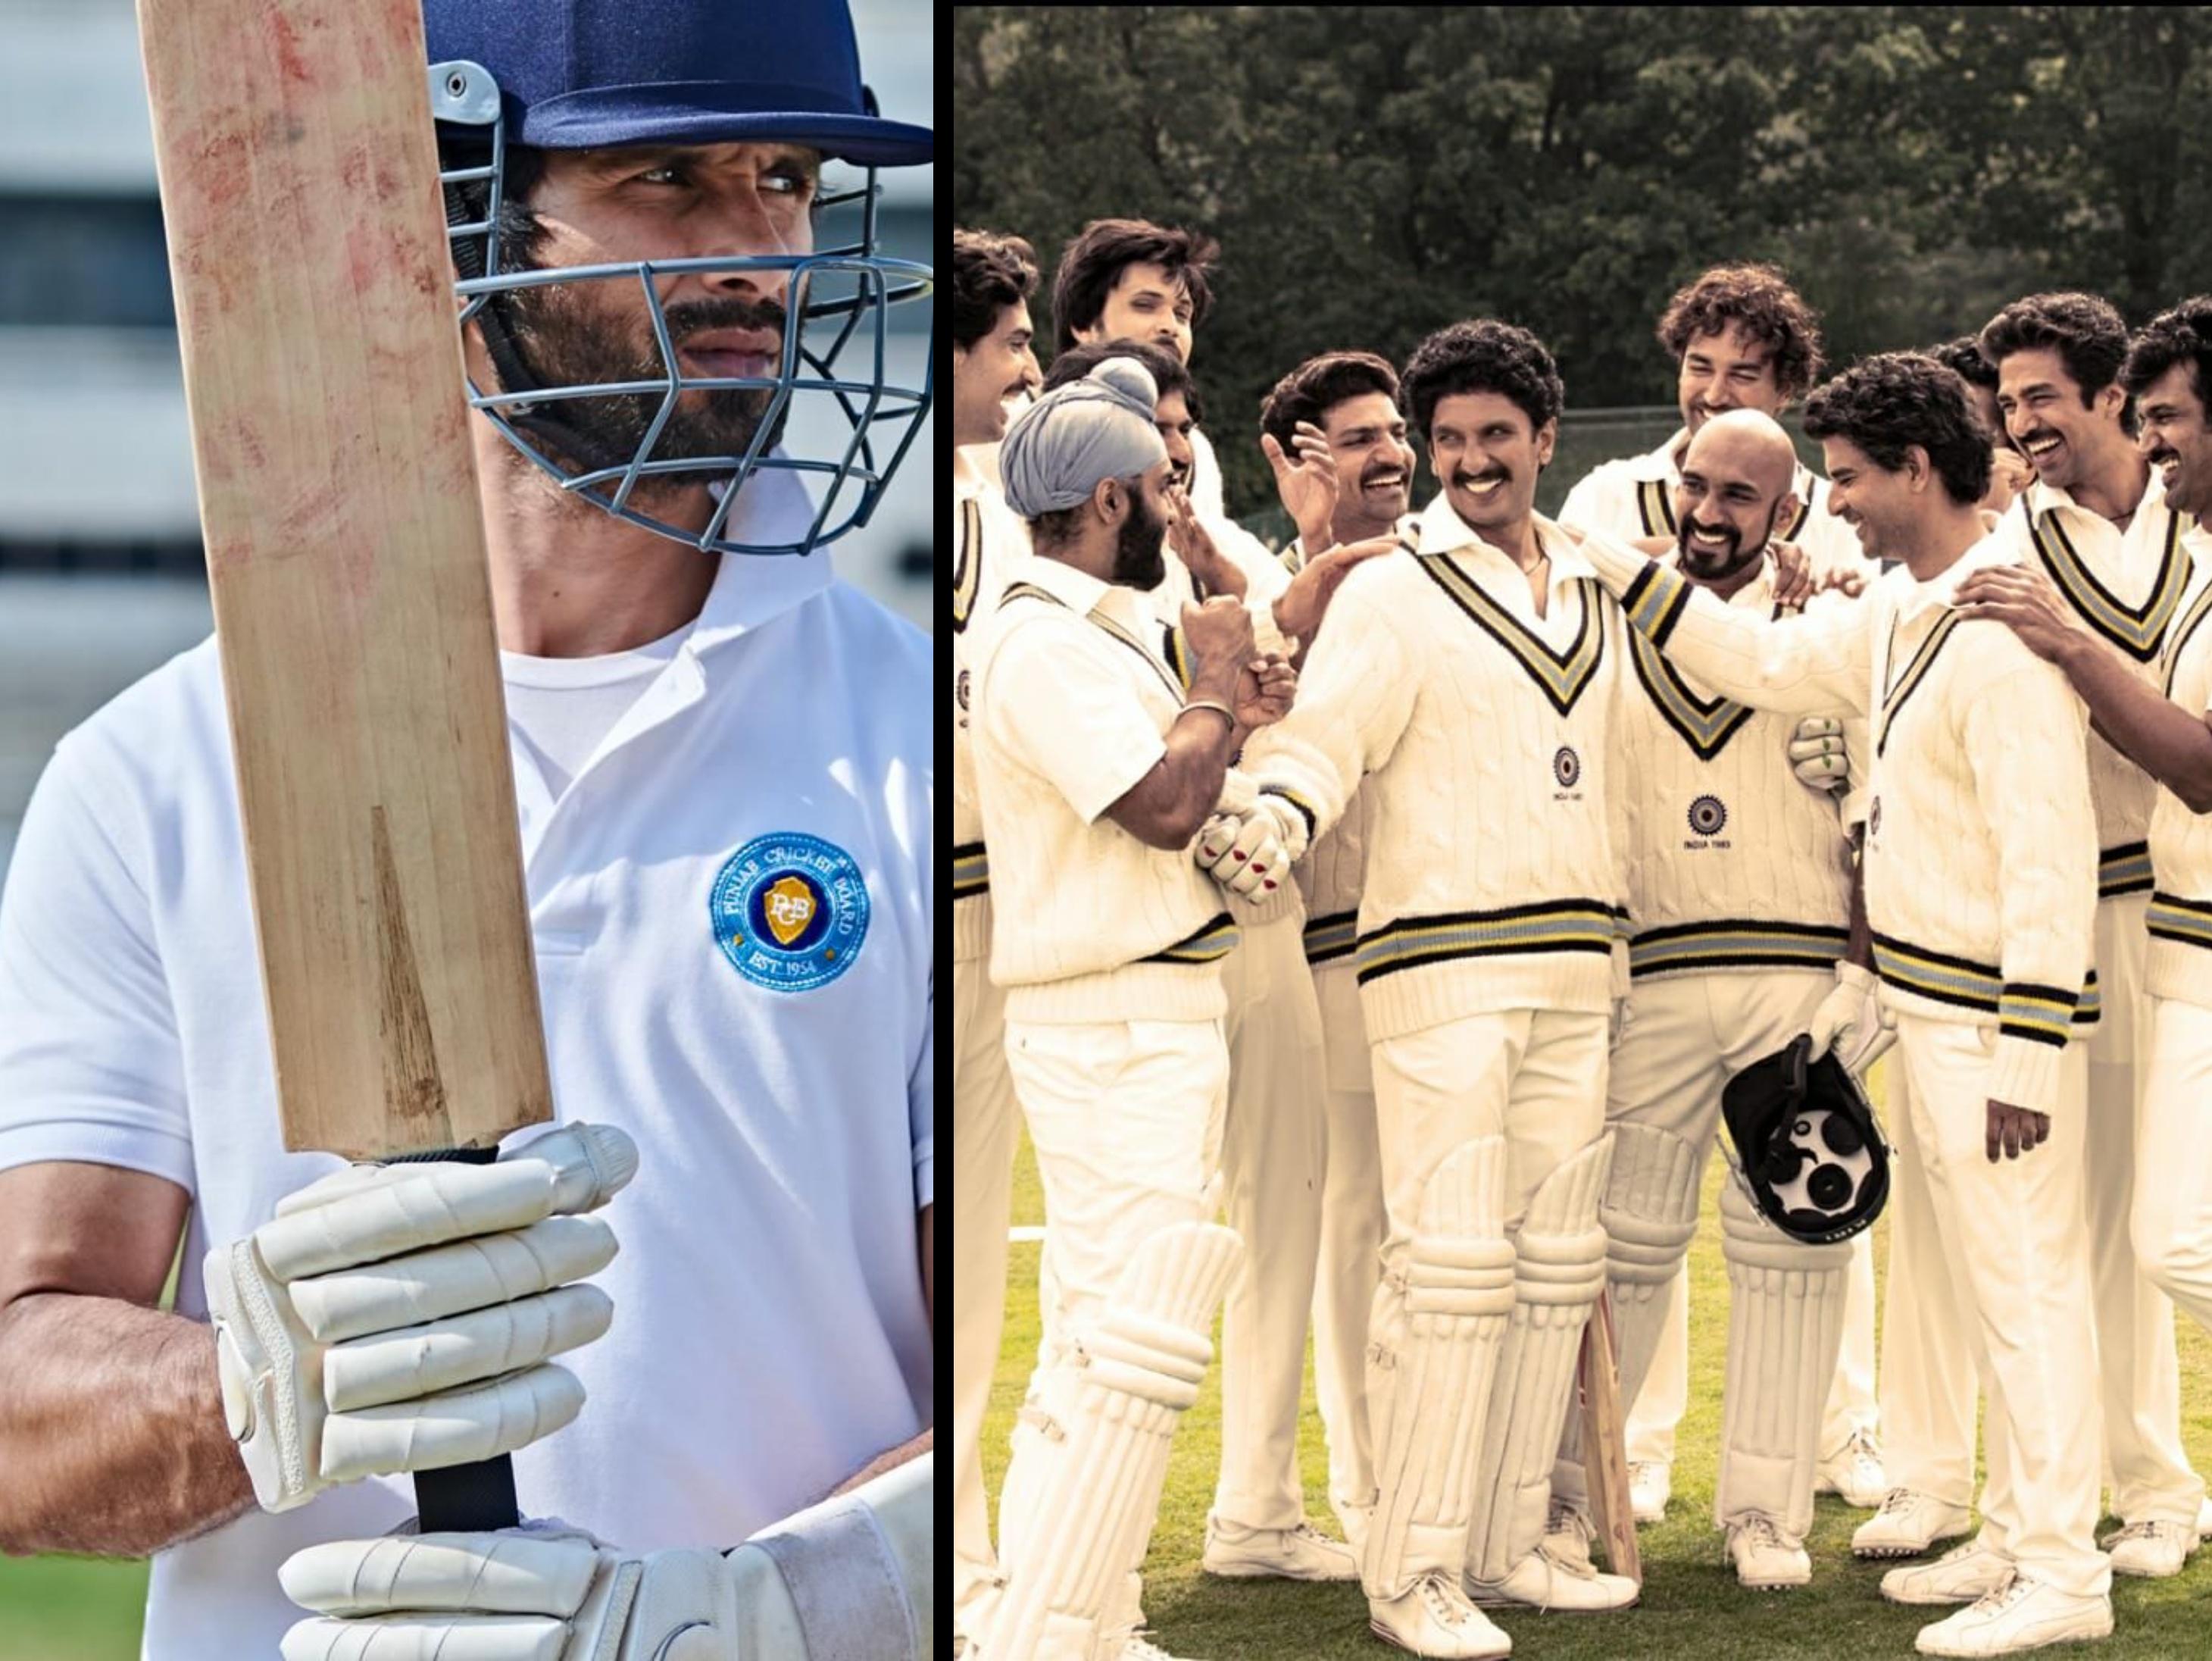 अब तक 12 डेट कन्फर्म; अजय देवगन की मेडे 29 अप्रैल को होगी रिलीज, कार्तिक की भूल-भुलैया 2 को मिला मार्च का आखिरी शुक्रवार बॉलीवुड,Bollywood - Dainik Bhaskar